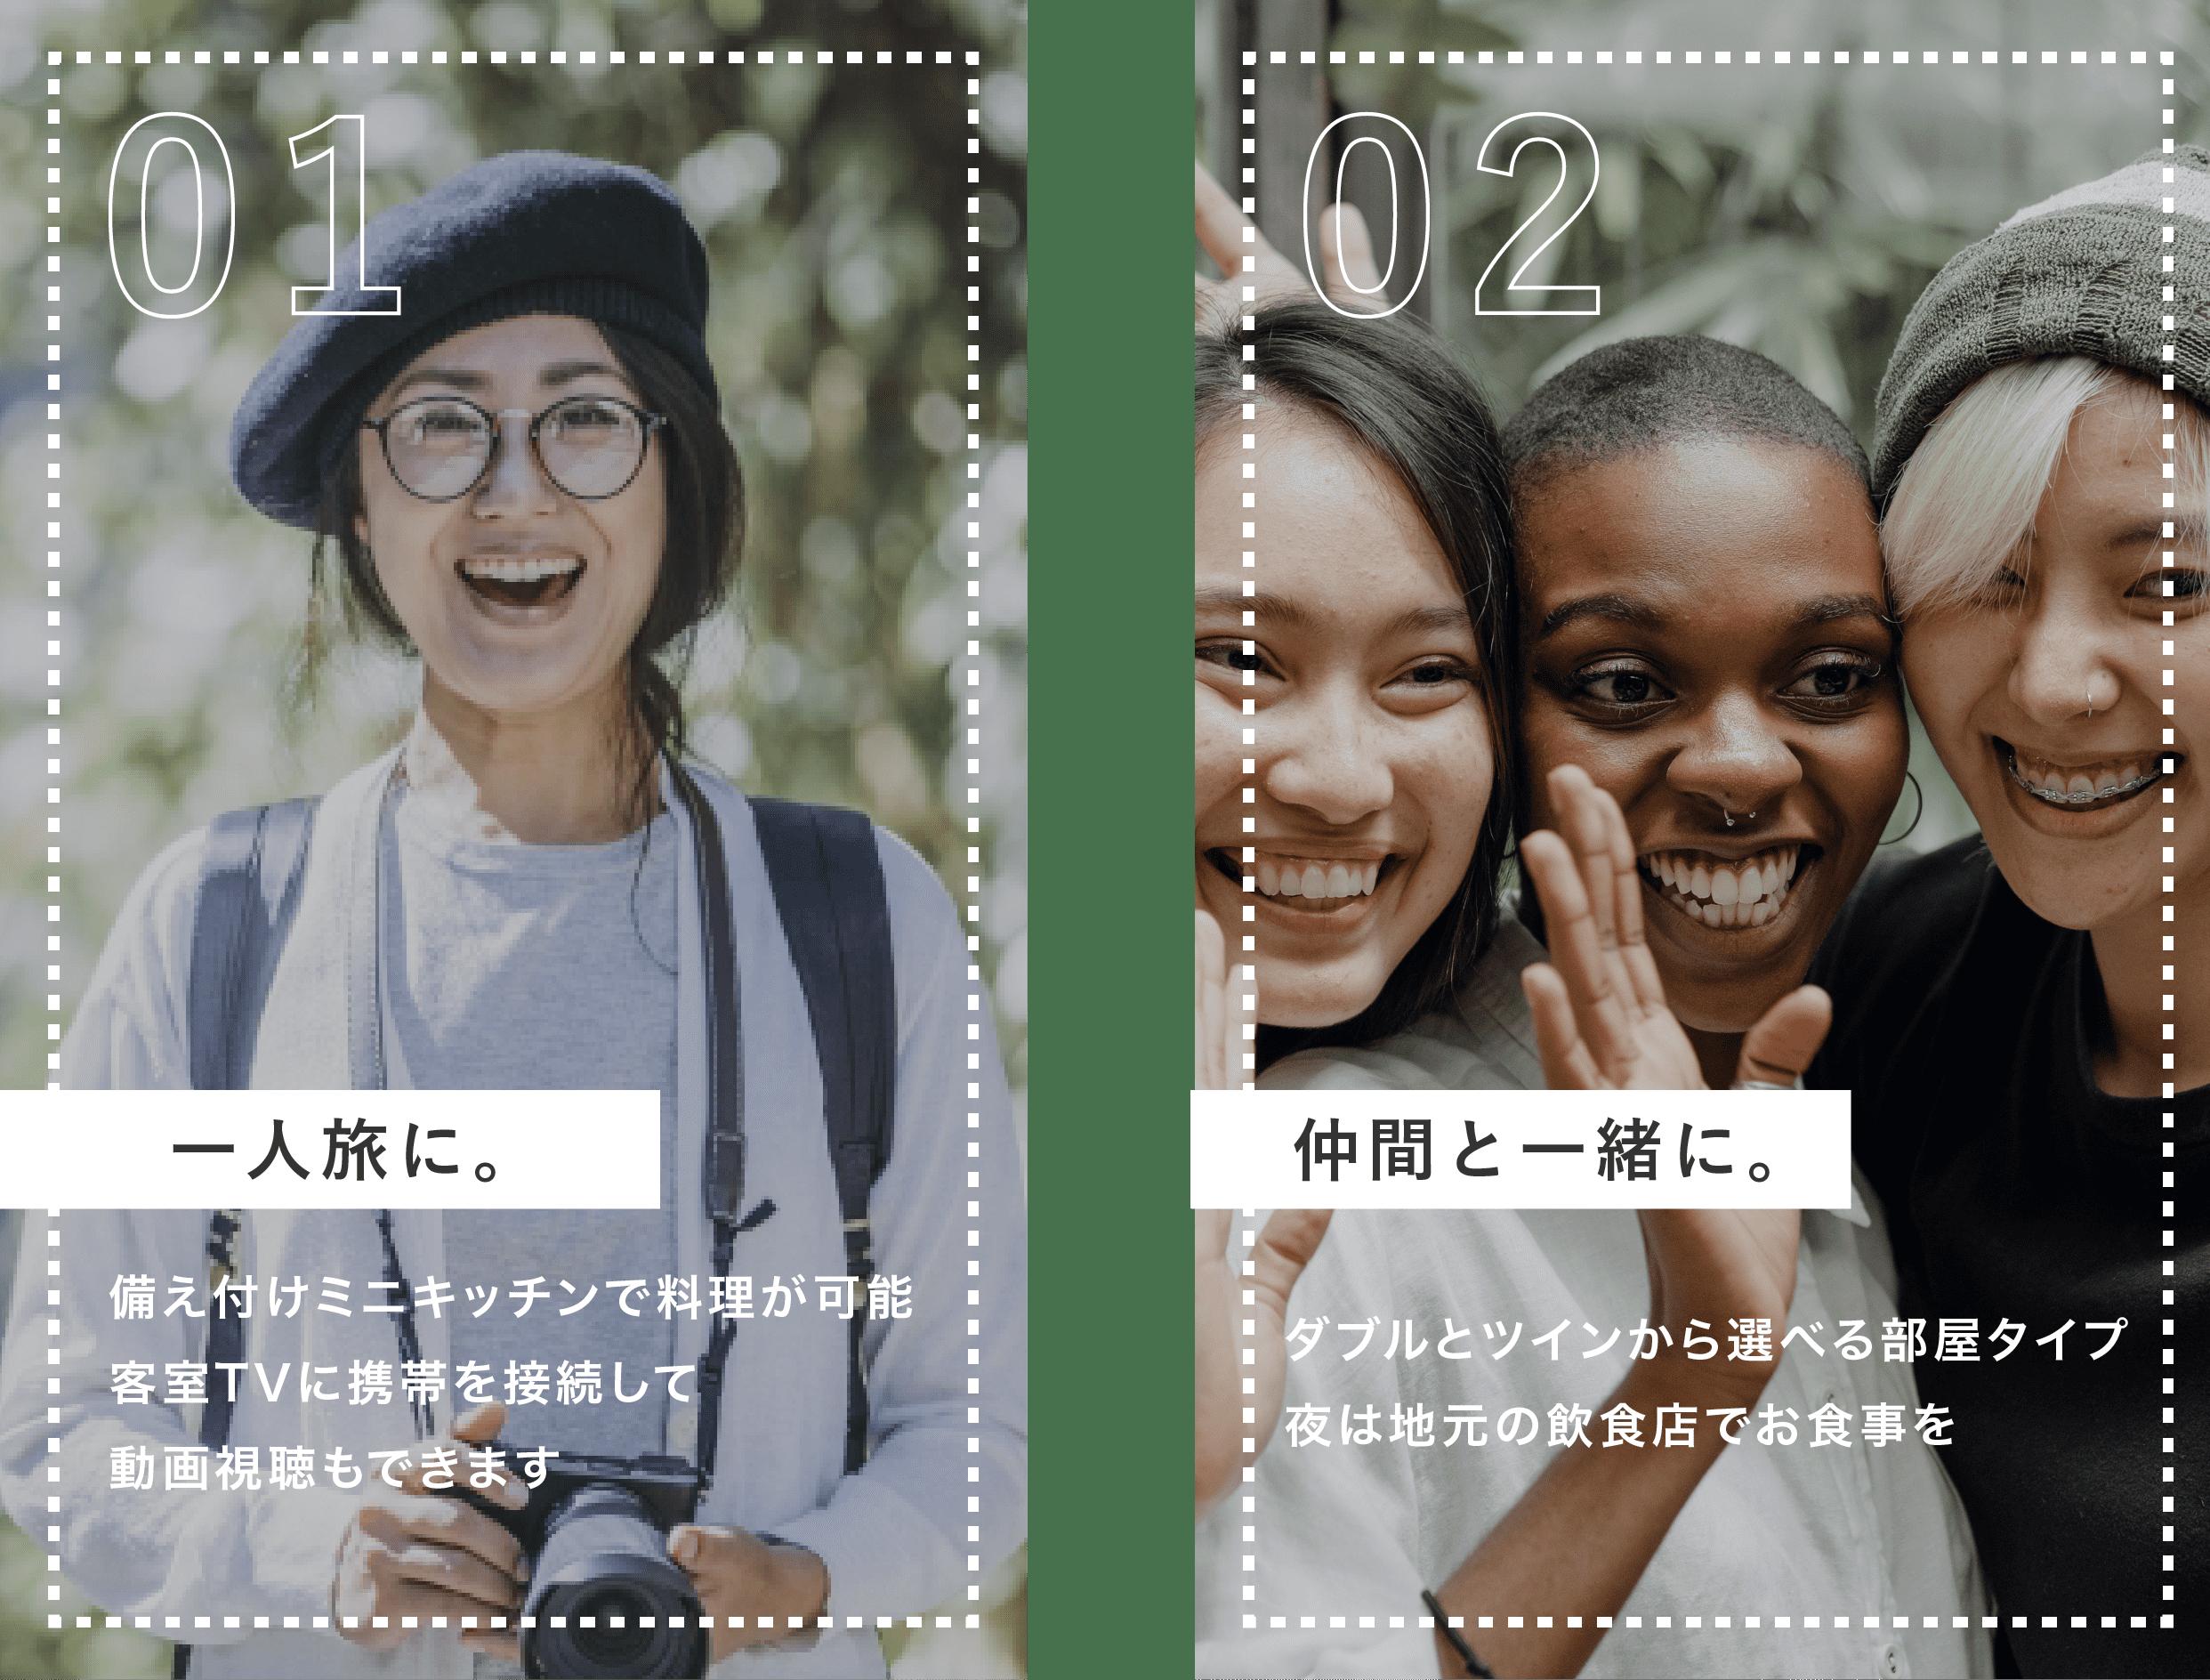 Stay Niseko_style1 のコピー